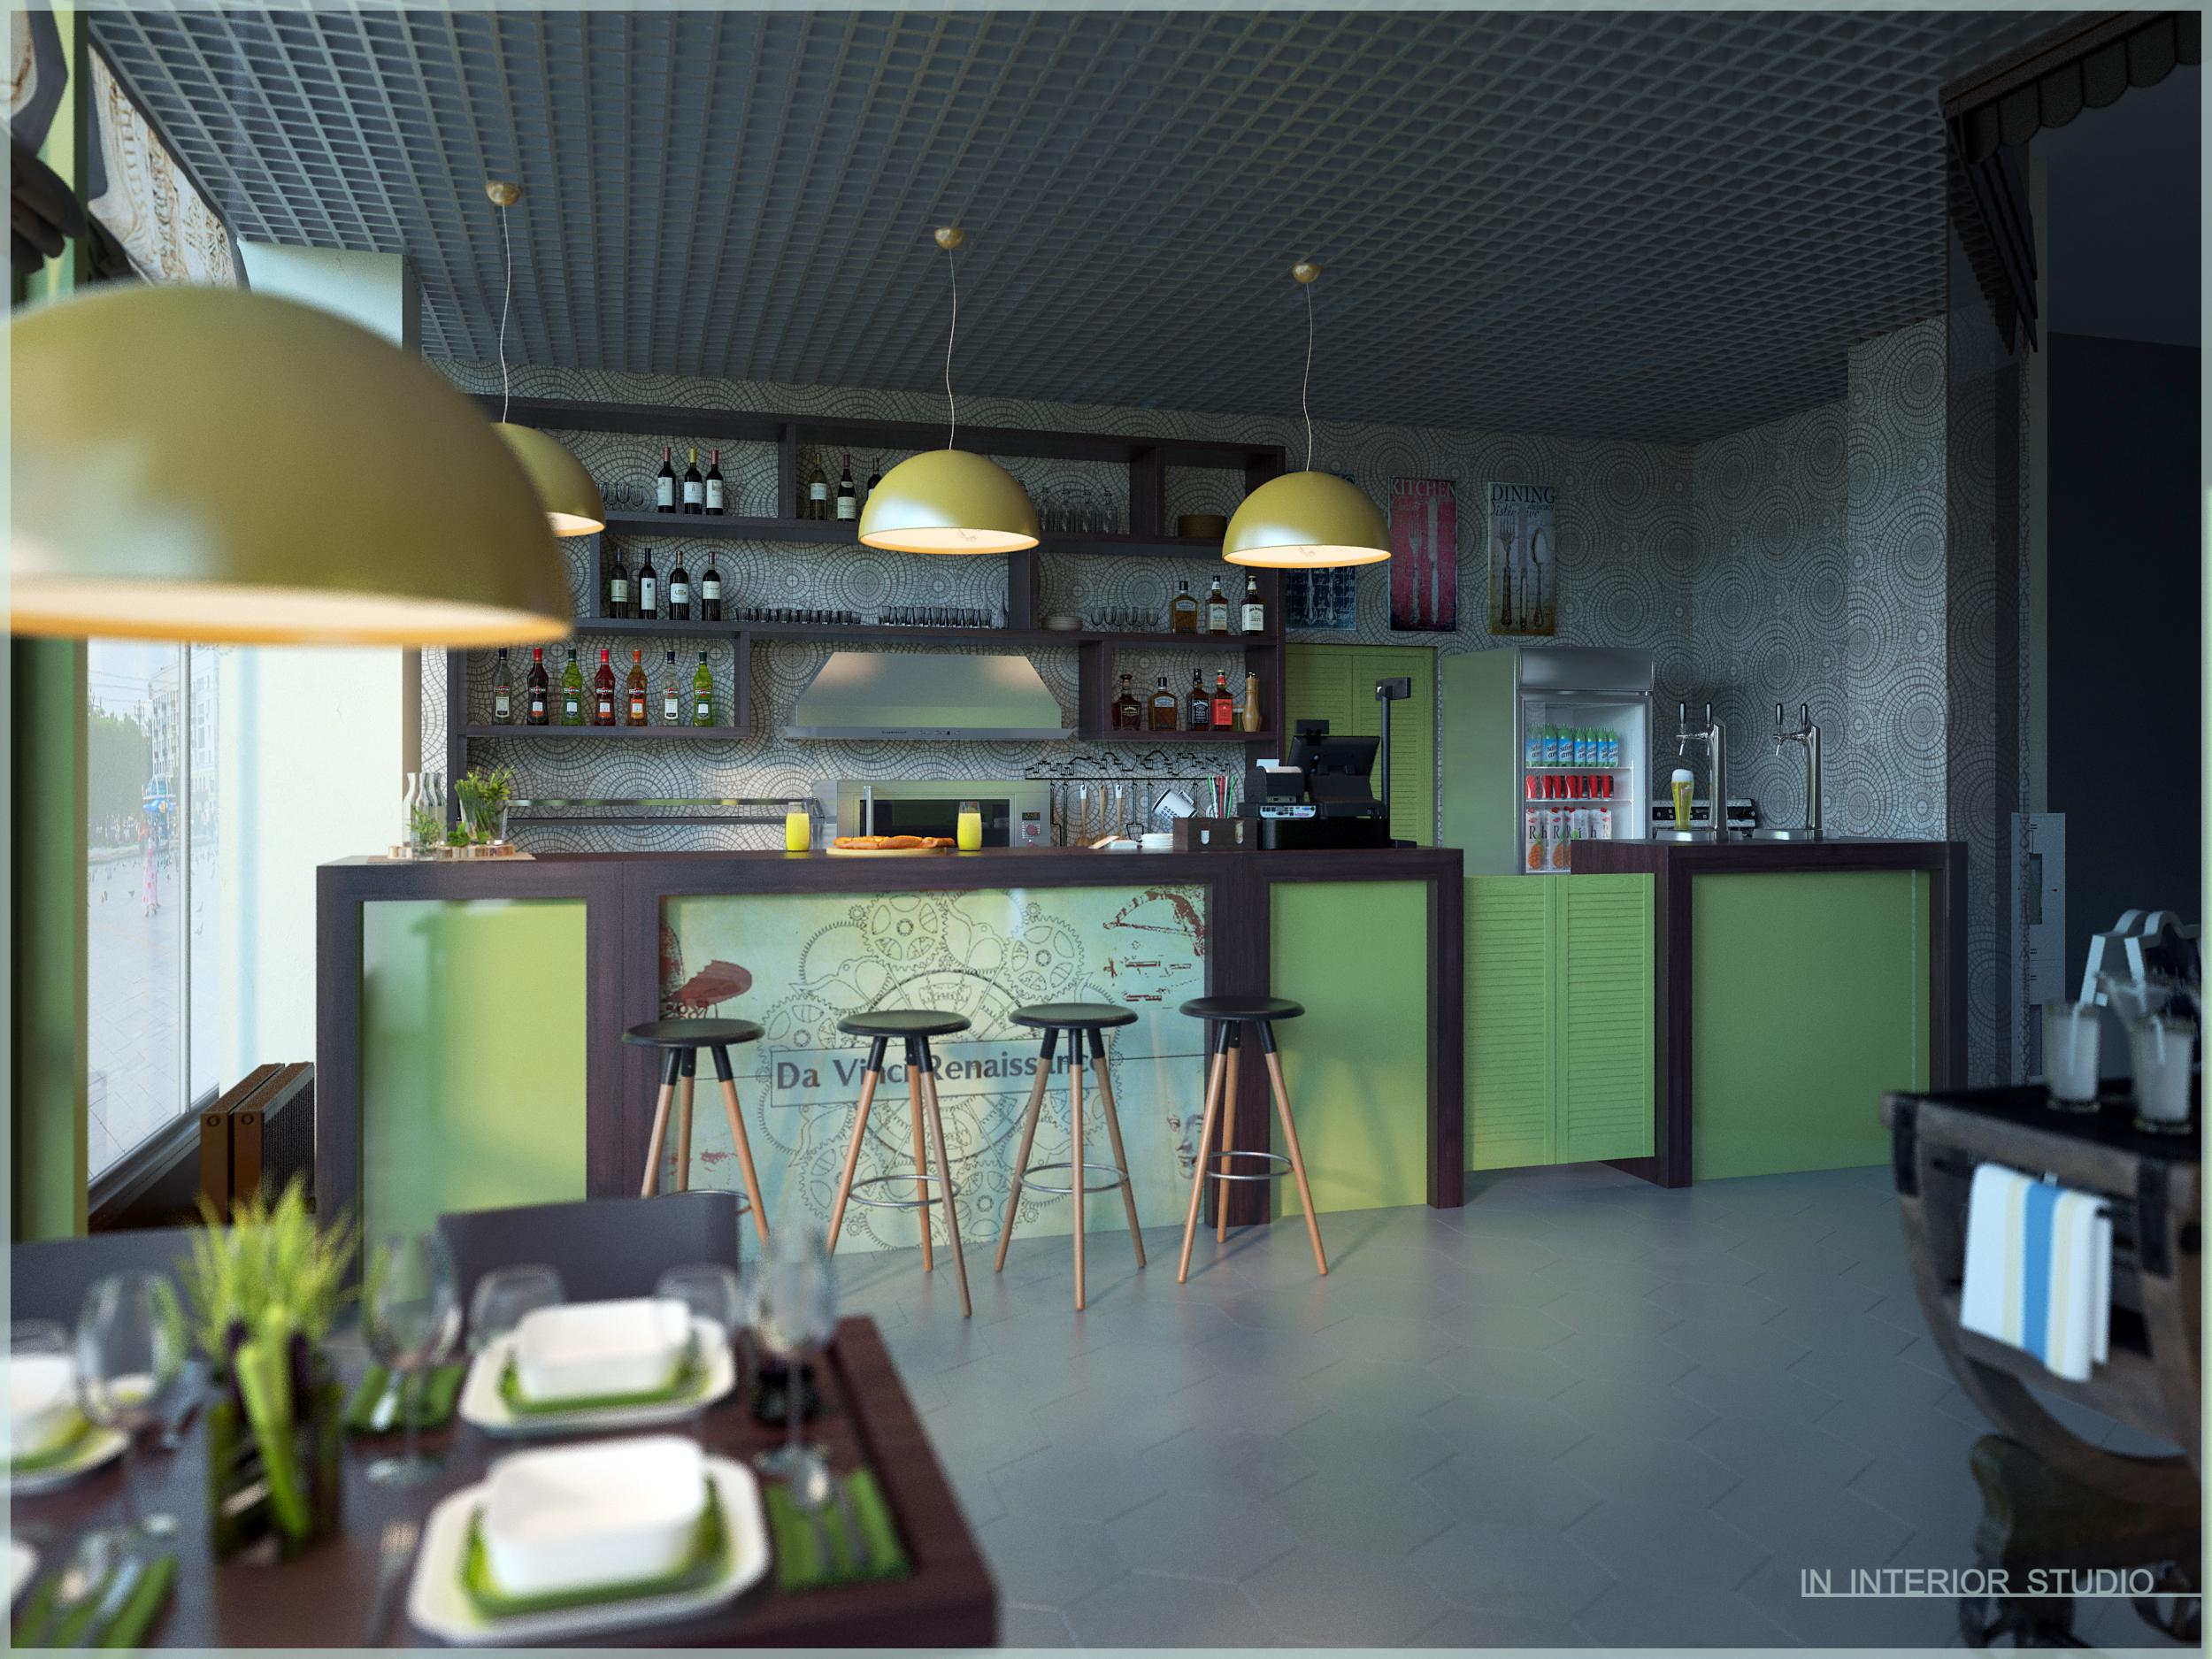 дизайн интерьера кафе-пиццерии